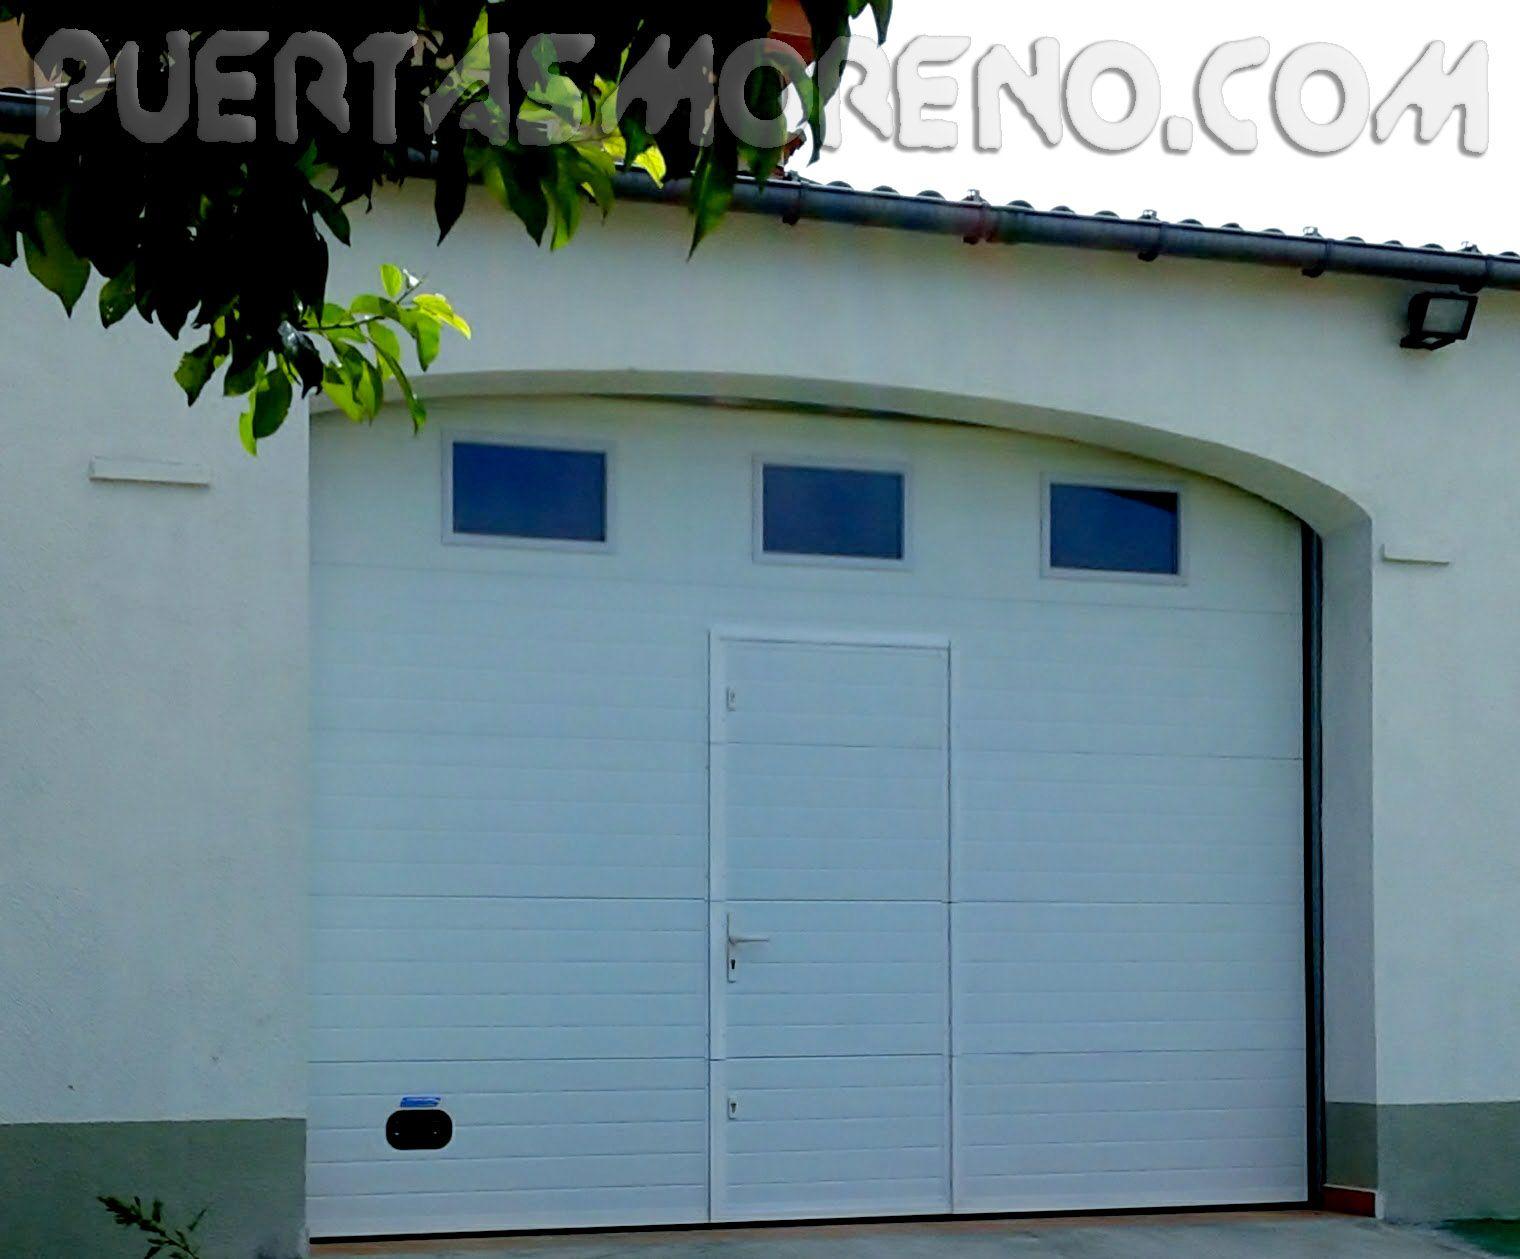 Puerta Seccional Con Puerta Peatonal Incorporada Seccional Puertaseccional Automatismo Puertaaut Puertas De Garaje Puertas Interiores Puertas Automaticas